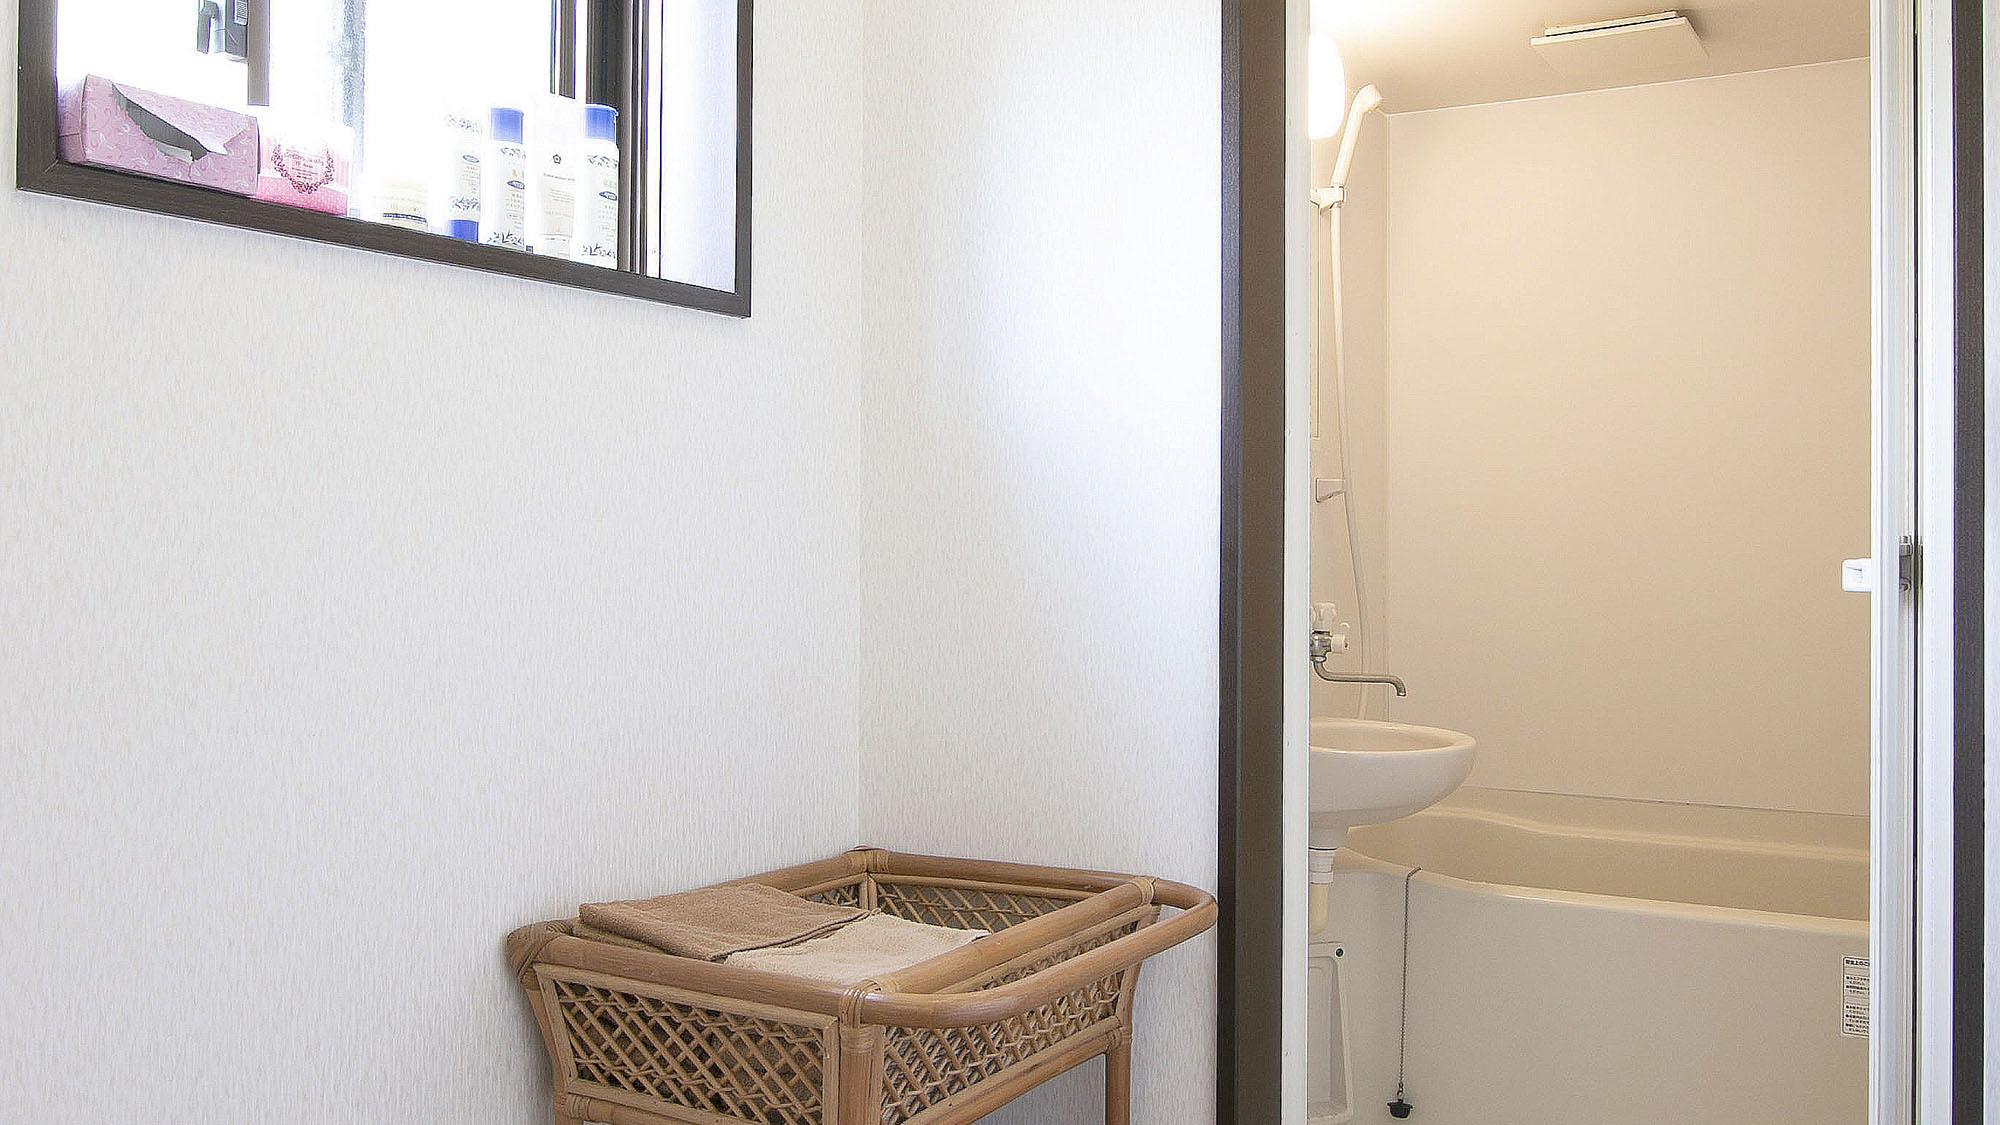 ・【共用バス】お風呂は2室あり、24時間いつでもご利用頂きます